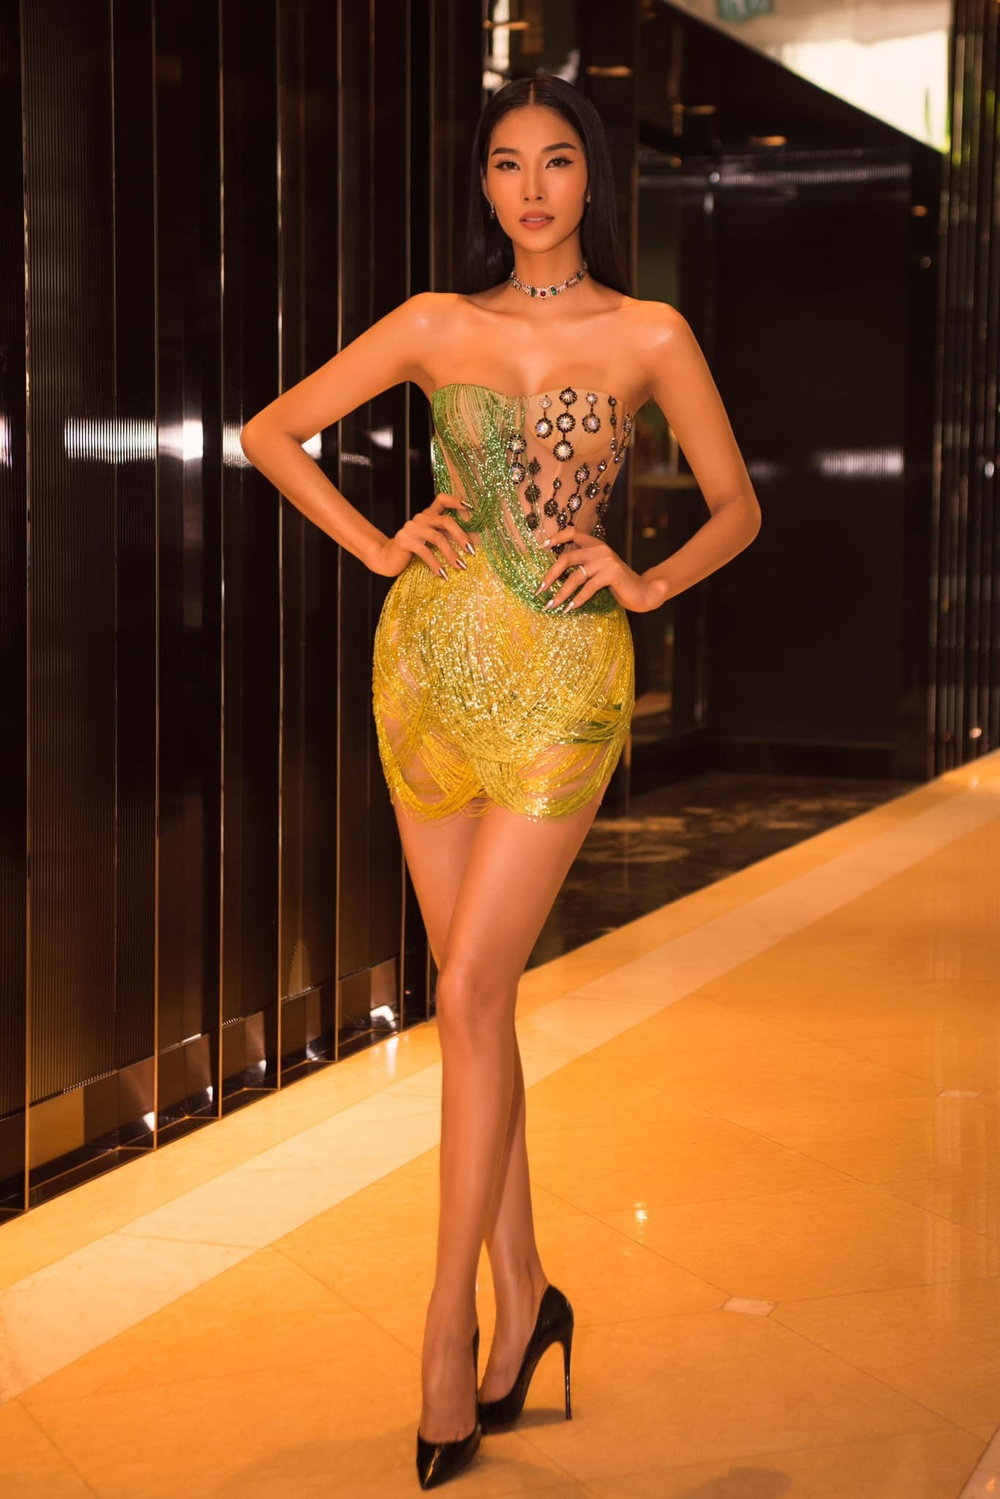 H'Hen Niê - Hoàng Thùy - Thúy Vân - Kim Duyên rạng rỡ đến cổ vũ Khánh Vân chinh chiến Miss Universe 2020 Ảnh 12